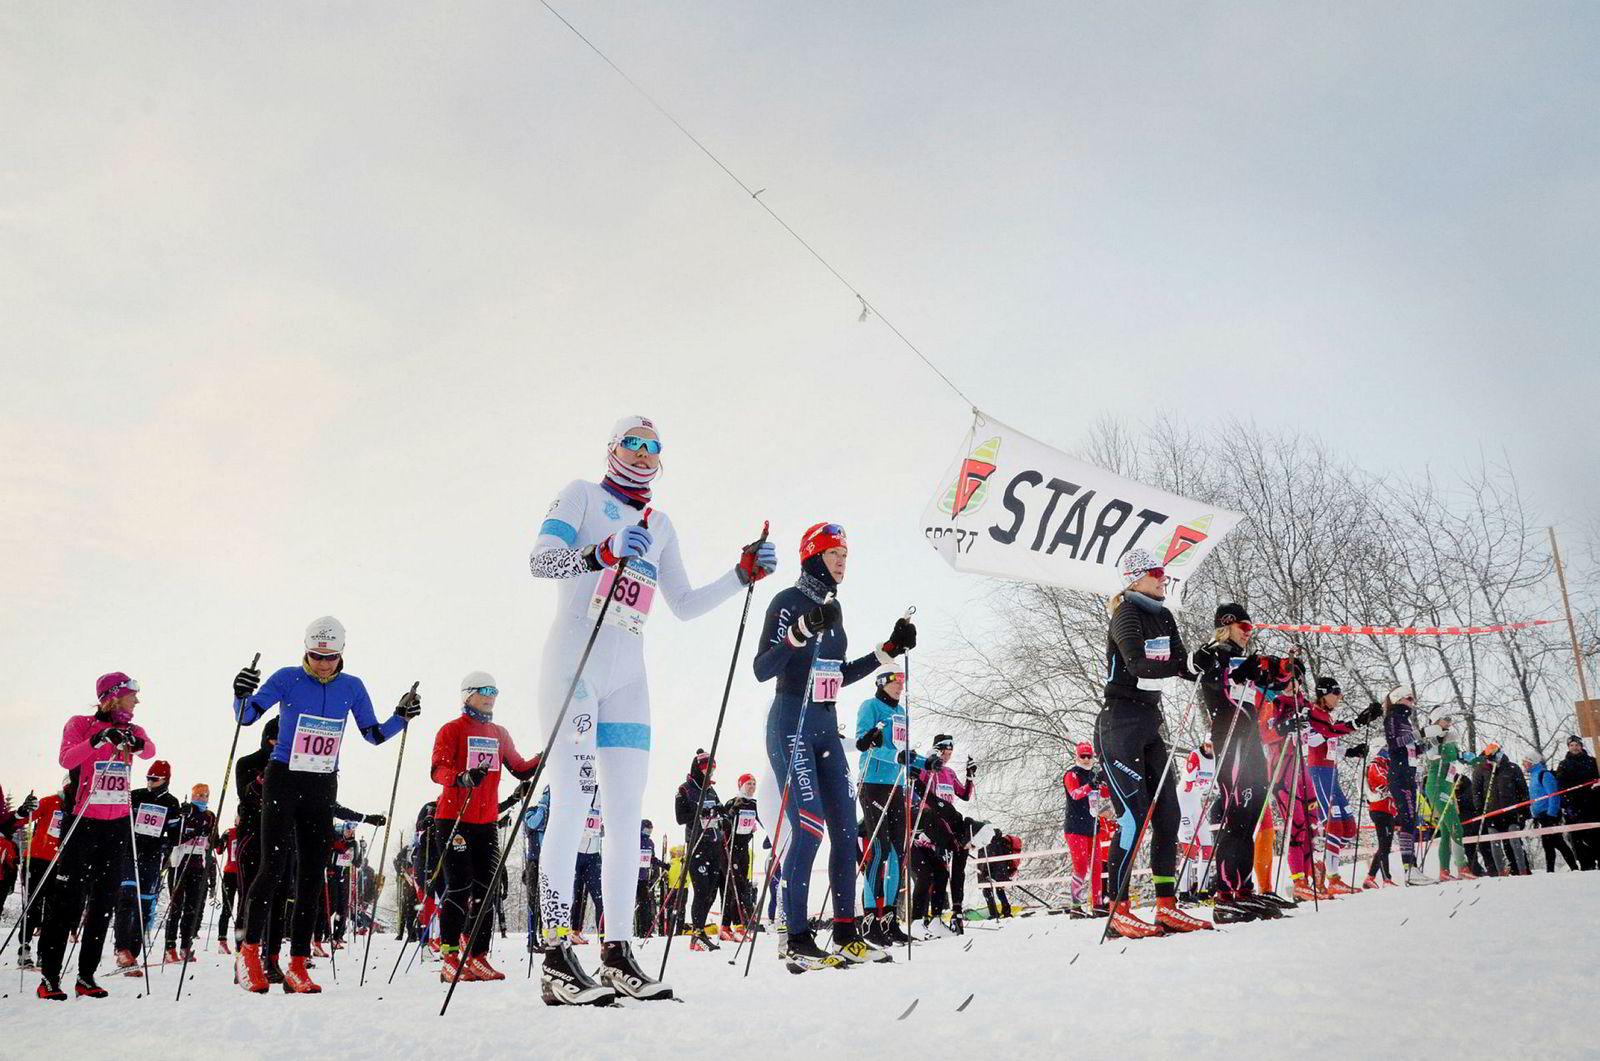 Da Vester-Gyllen ble gjennomført sist helg, så ikke arrangerende Asker Skiklubb noen merkbar effekt av den sterke snøvinteren i deltagerantallet. Her start i yngre klasser.